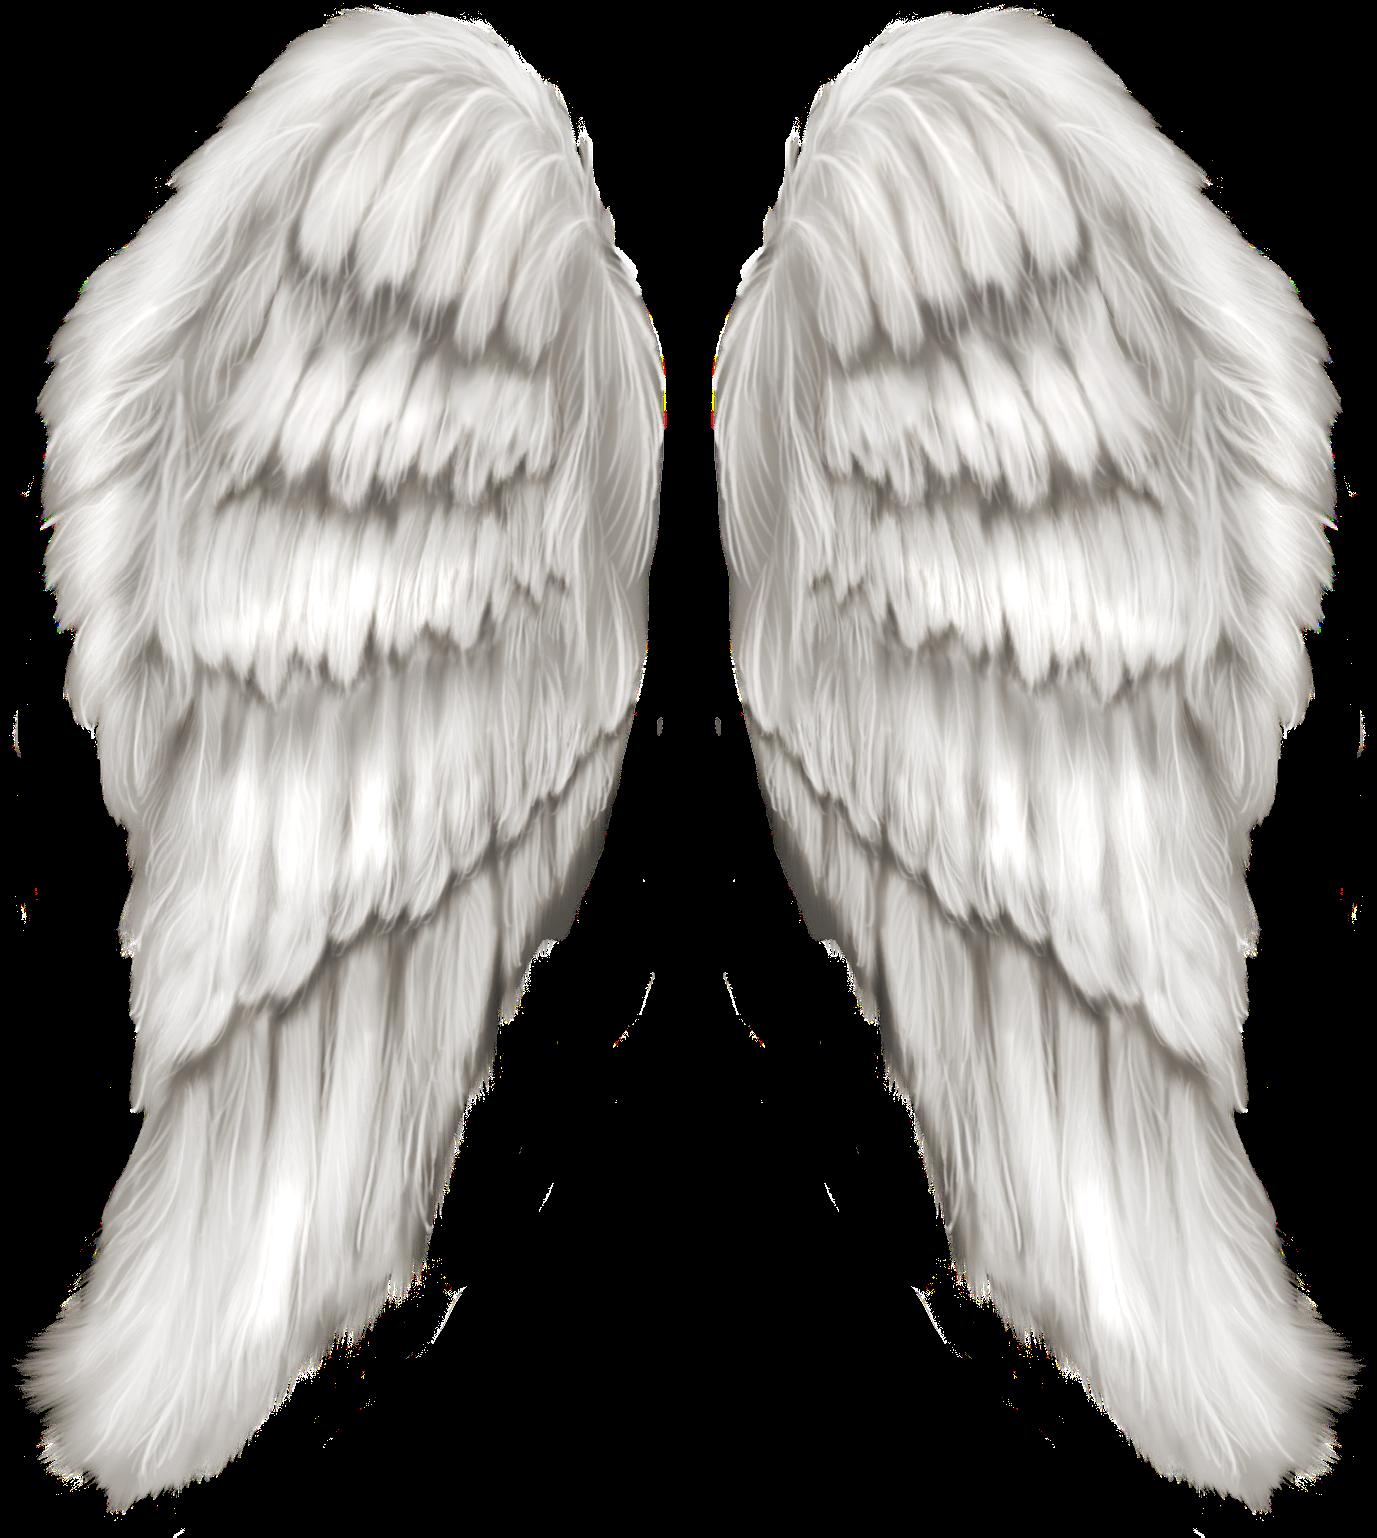 один раскрытые крылья ангела картинки должны знать